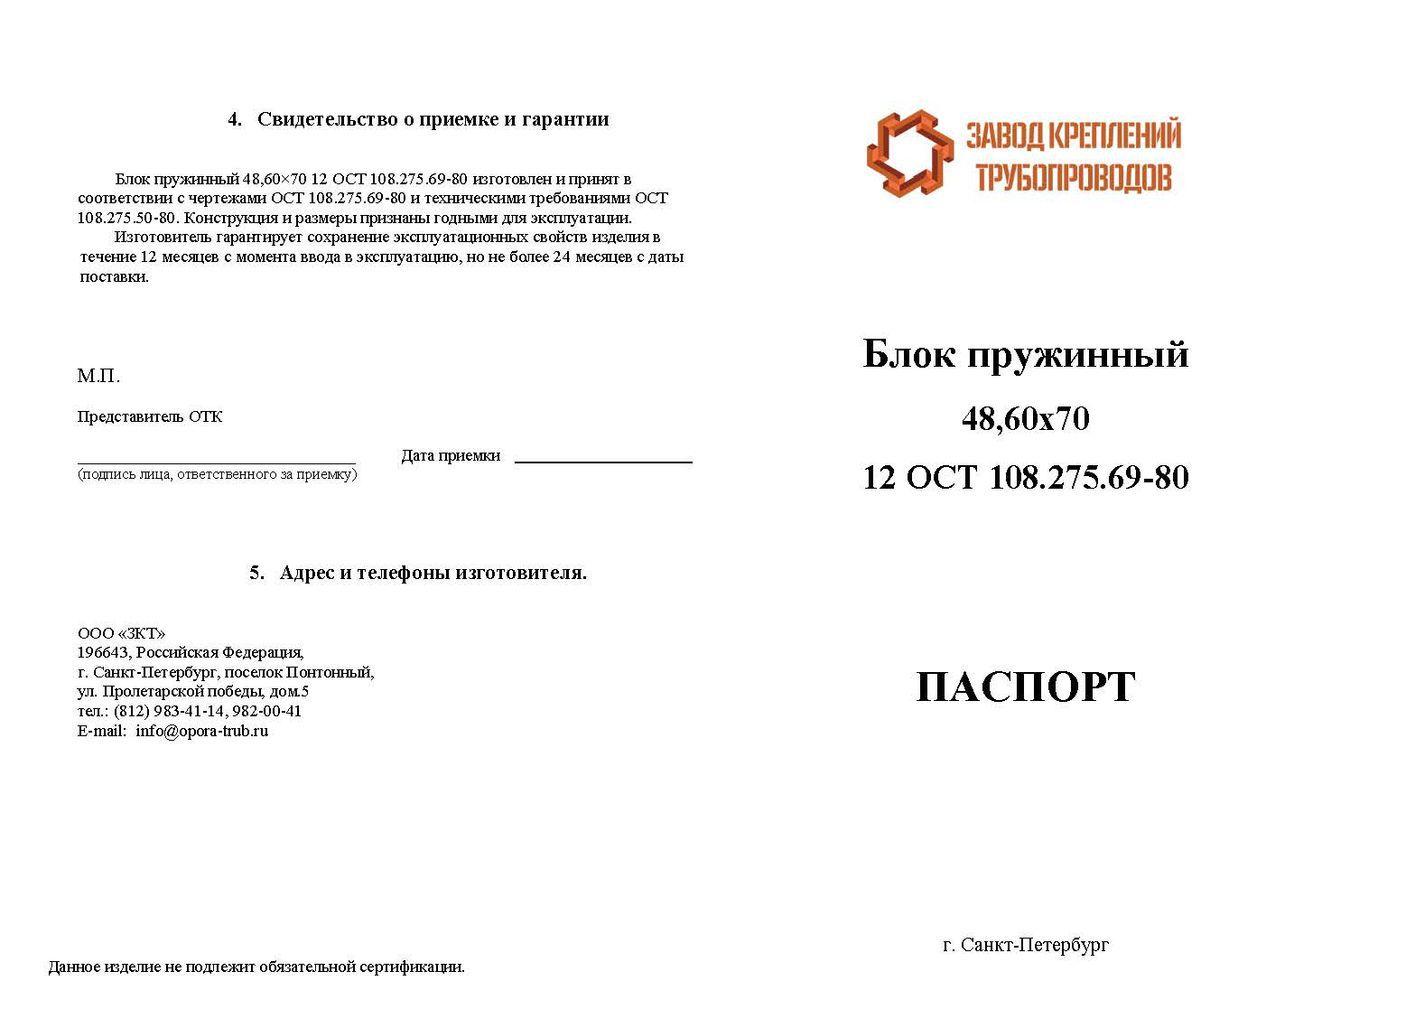 Паспорт Блок пружинный 12 ОСТ 108.275.69-80 стр.1